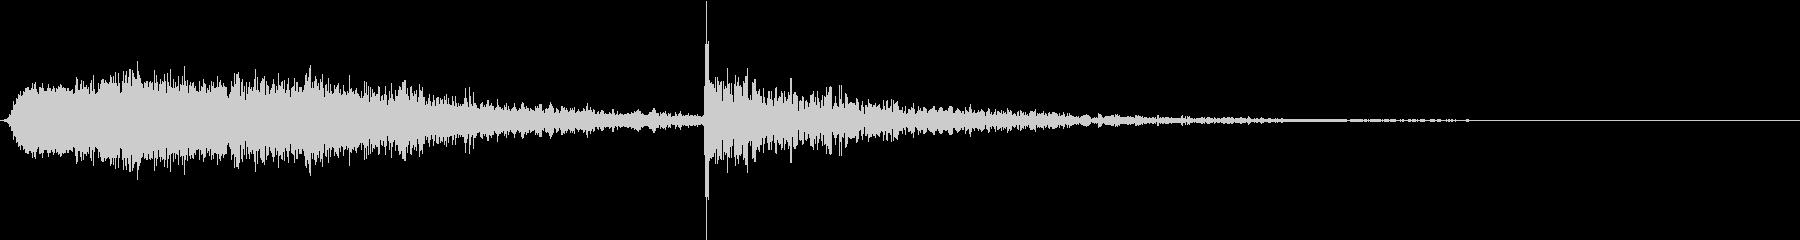 ギギギィードン(ドア軋み音)Aの未再生の波形